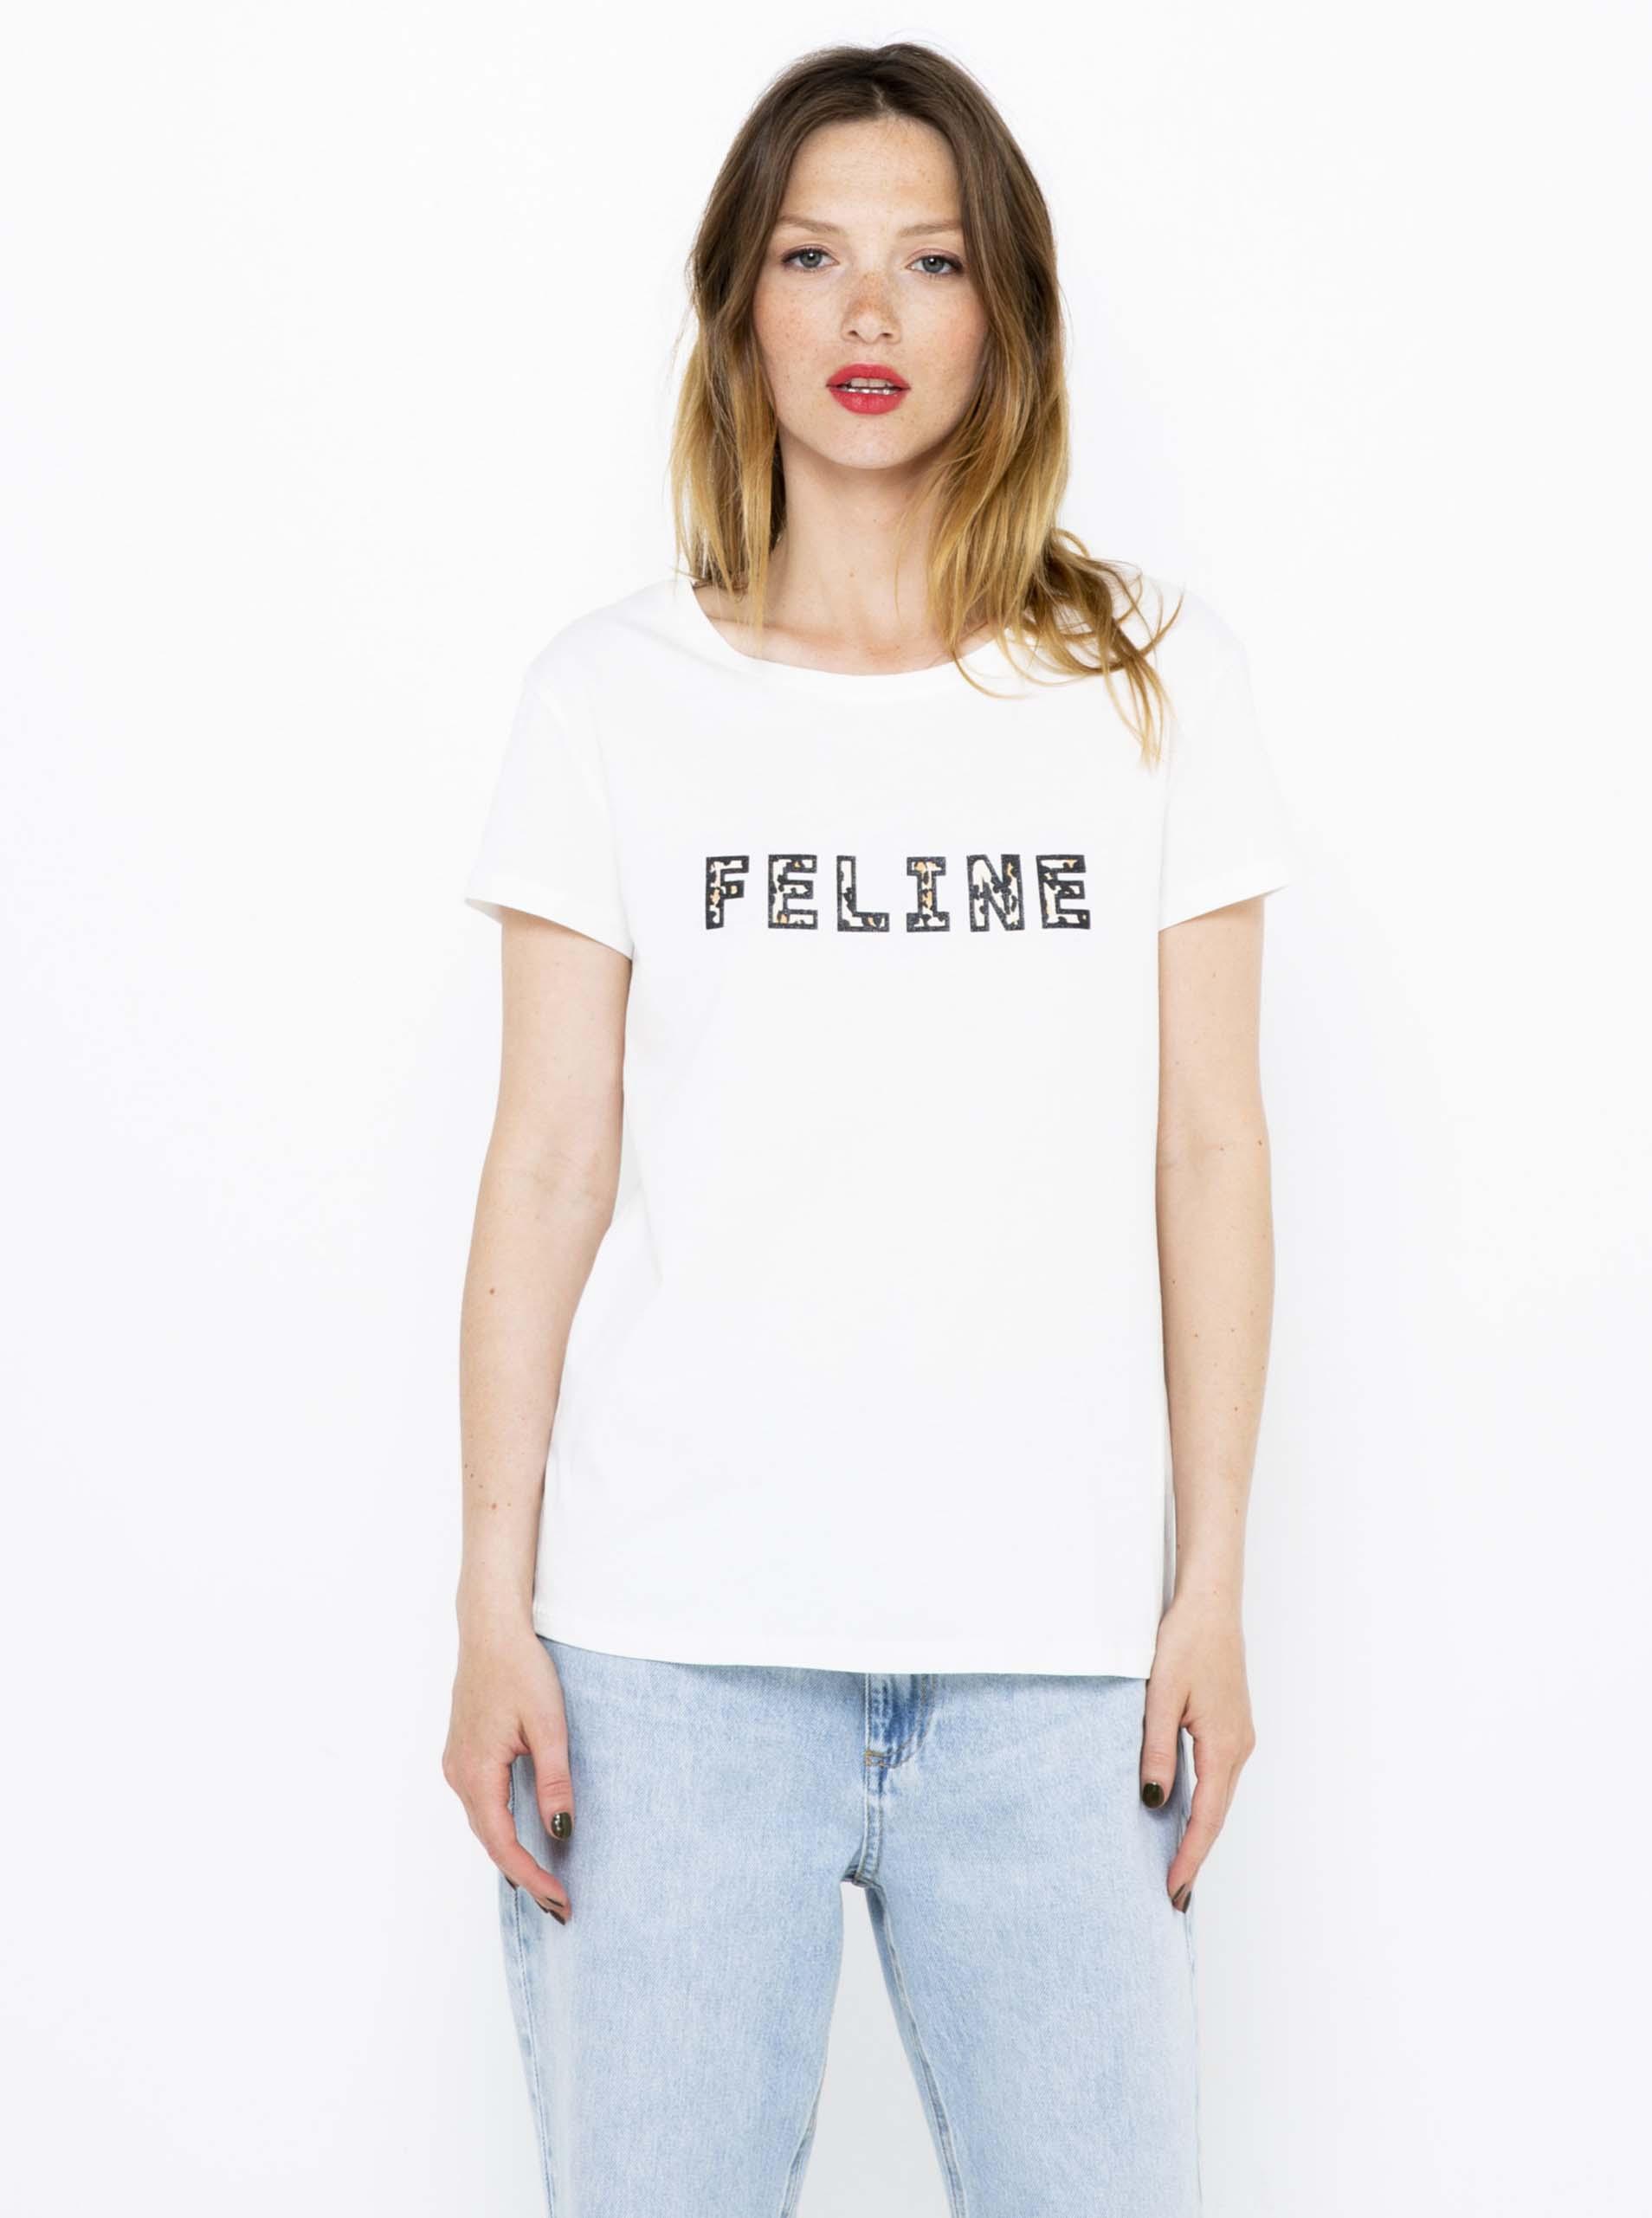 CAMAIEU white T-shirt with a sign